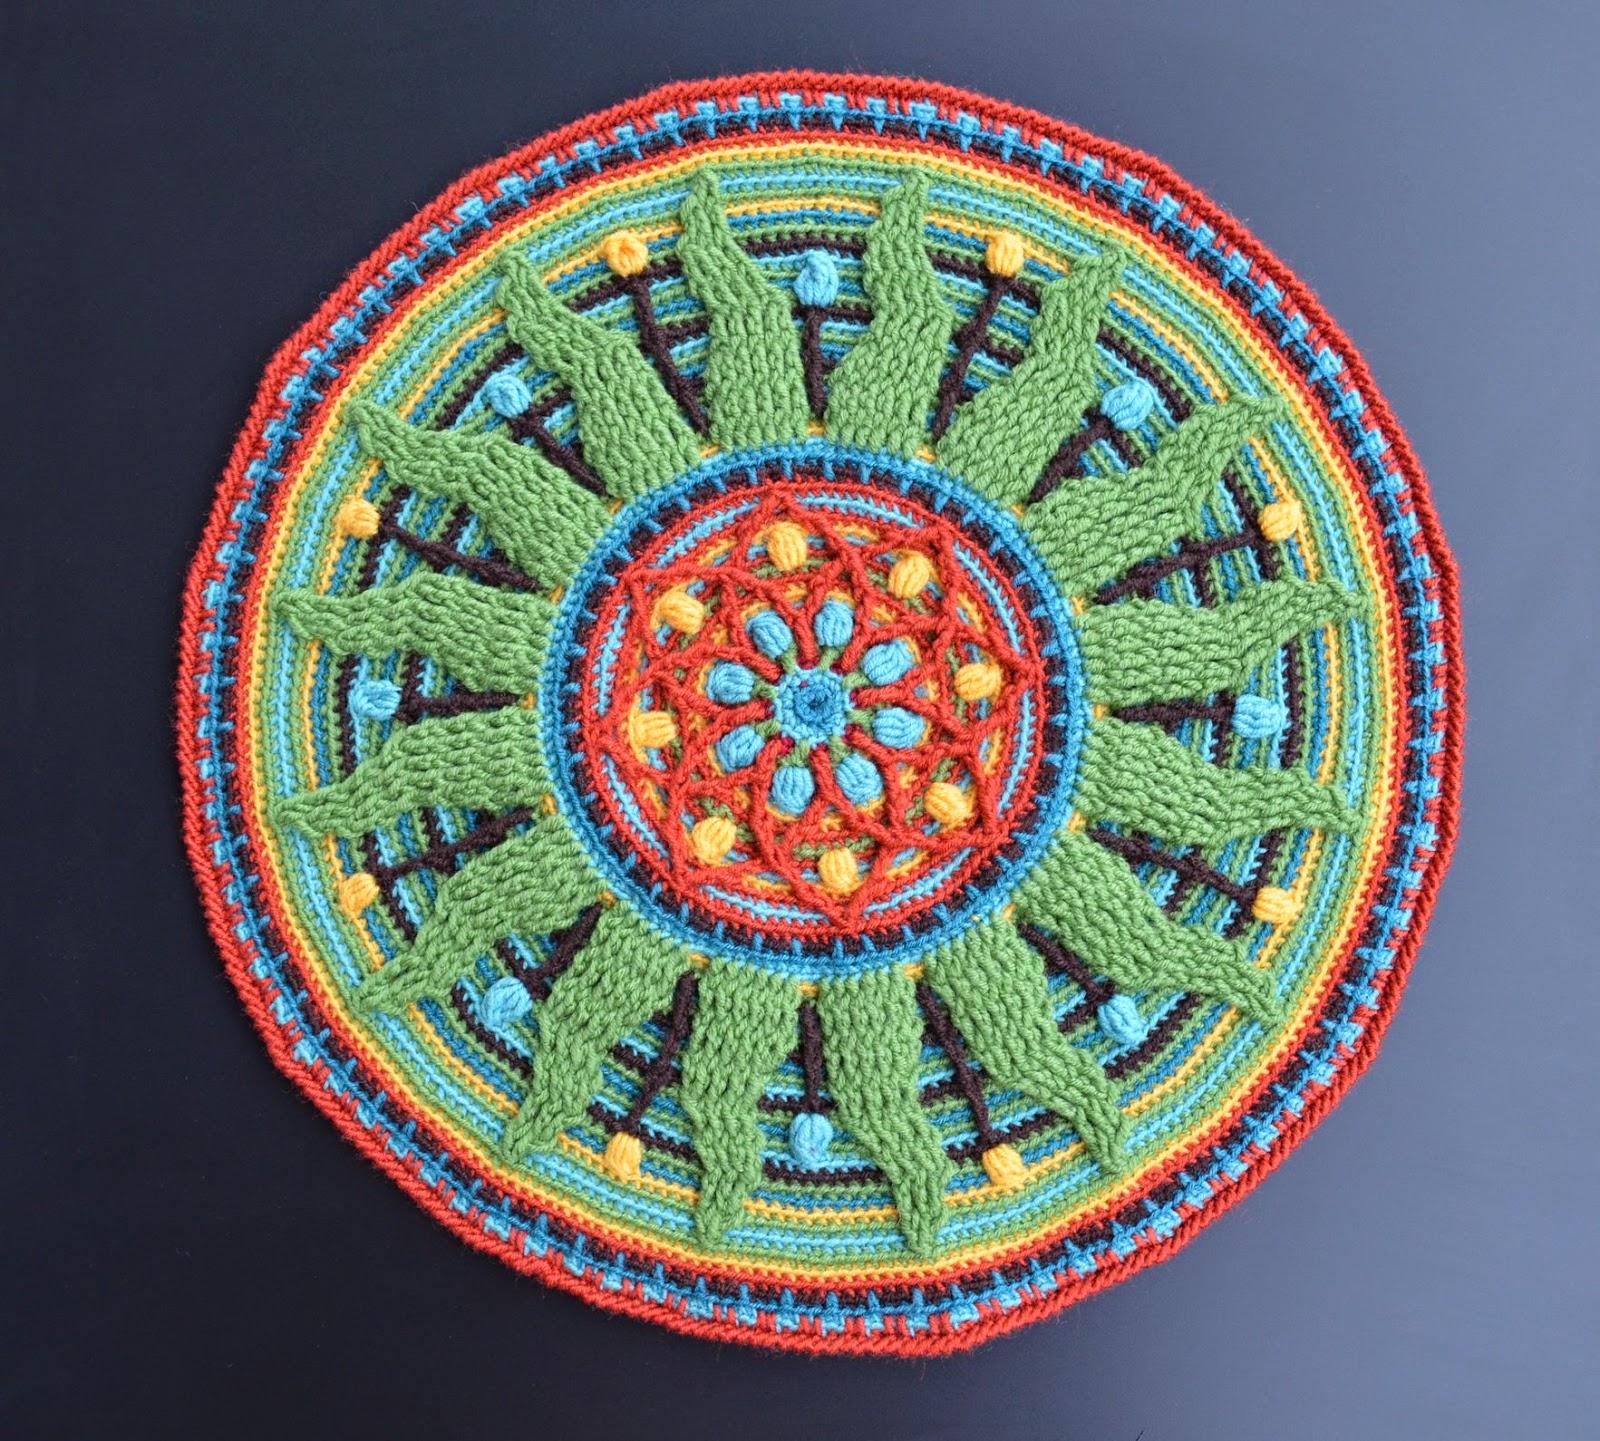 Doll STELLA Crochet Pattern - Amigurumi Doll STELLA Tutorial ... | 1441x1600